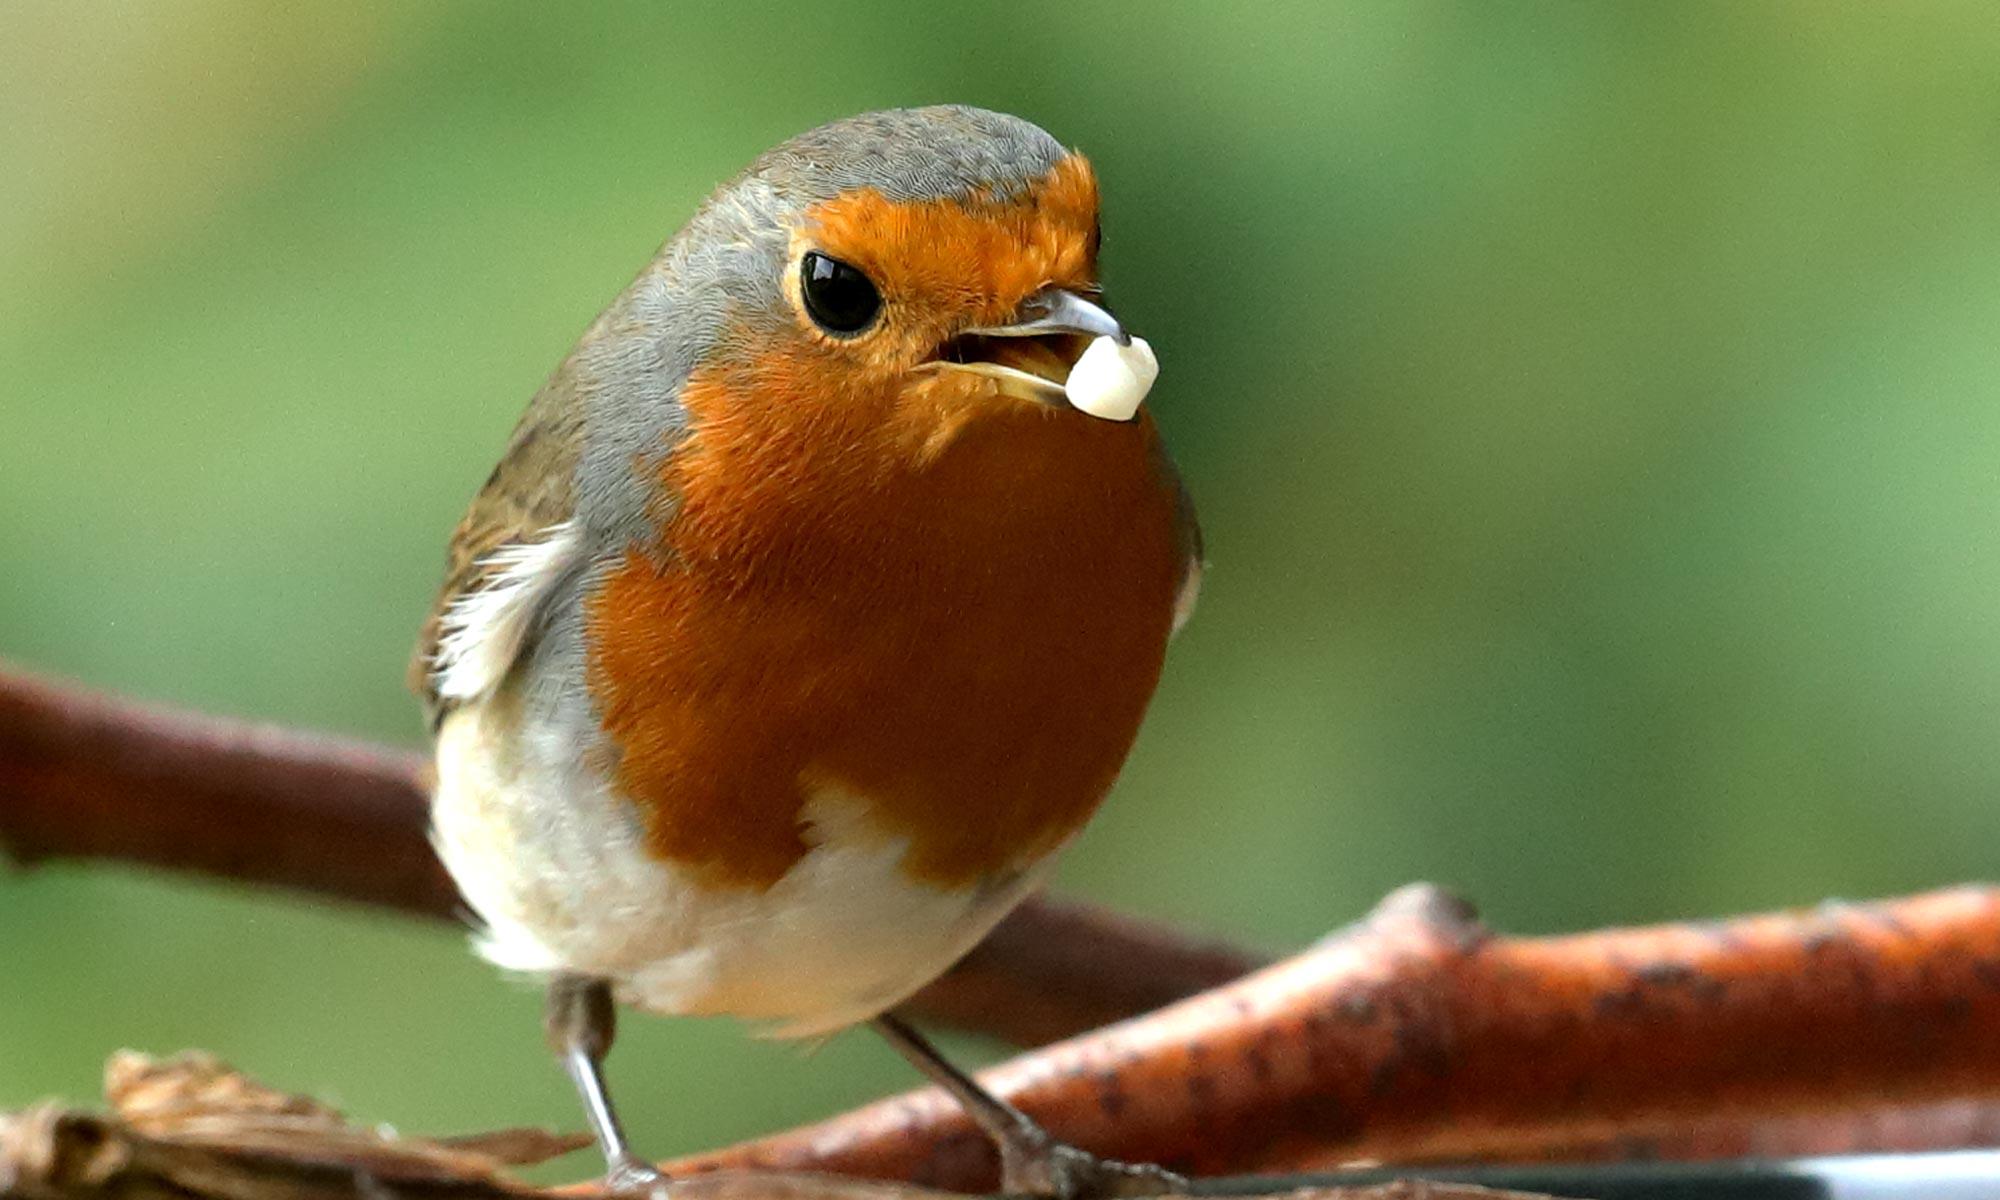 Rotkehlchen (Robin) mit Nuss